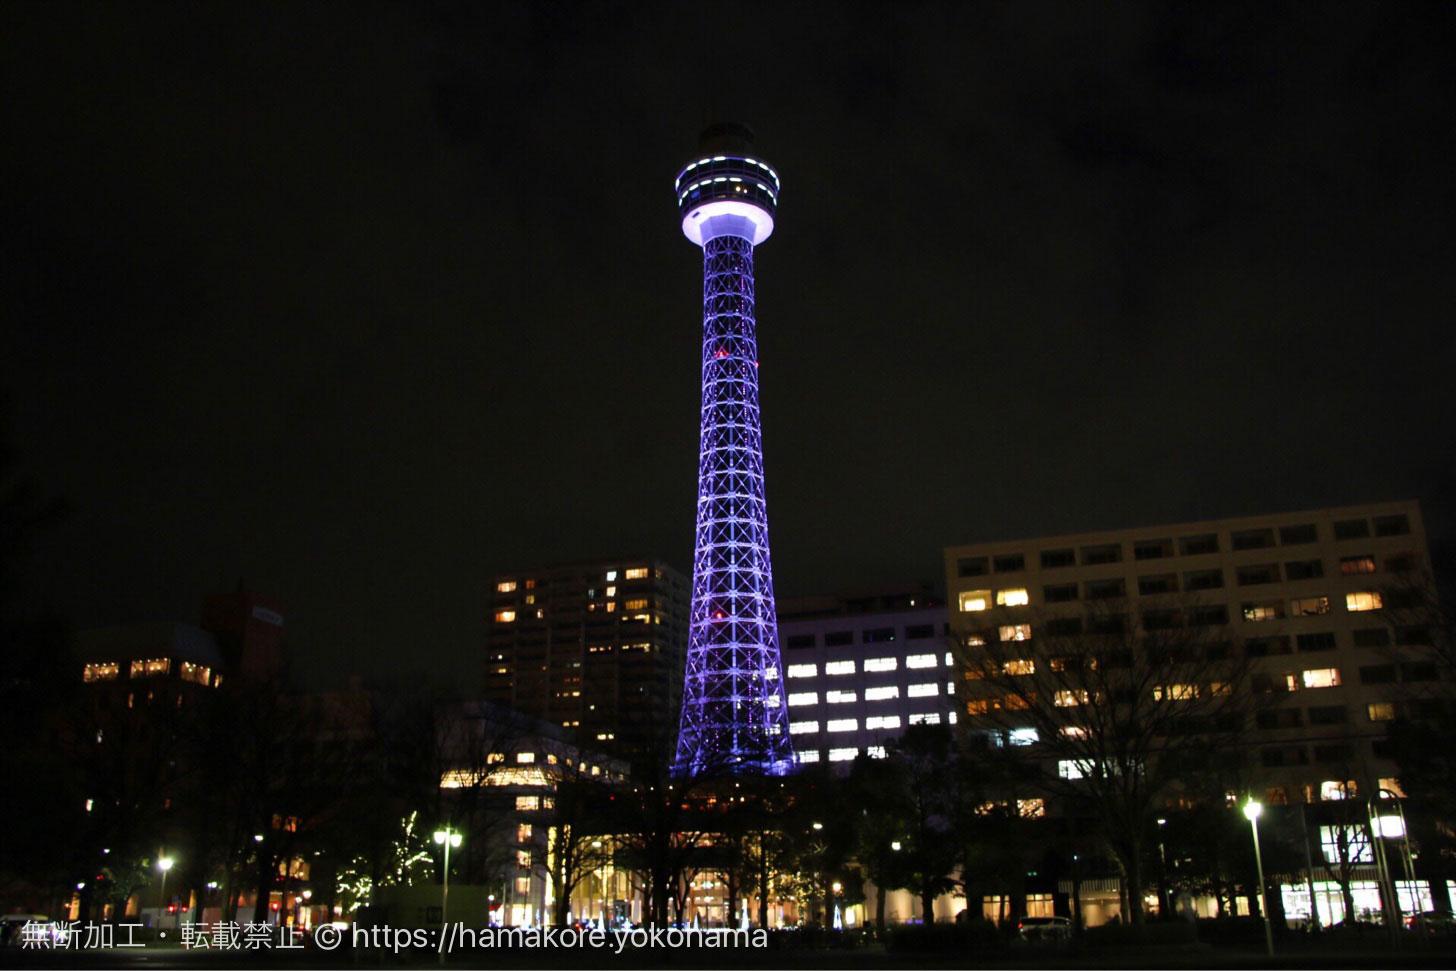 横浜マリンタワー 外観